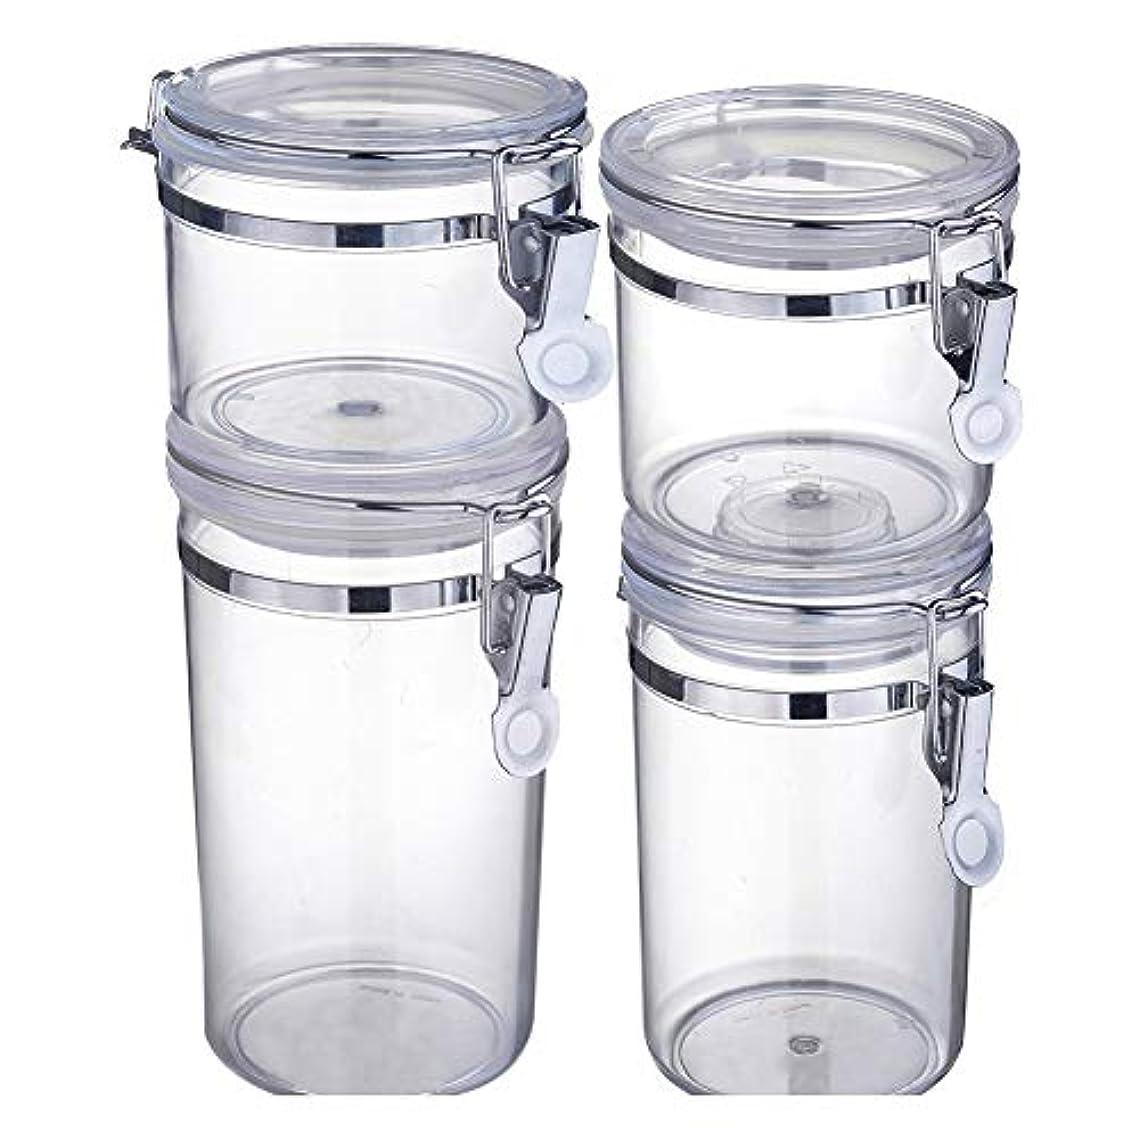 正義吸収剤スペクトラム4ピースストレージタンク透明プラスチック密閉タンクキッチン穀物湿気プルーフフレッシュ保持タンク400 ml 550 ml 750 ml 950 ml